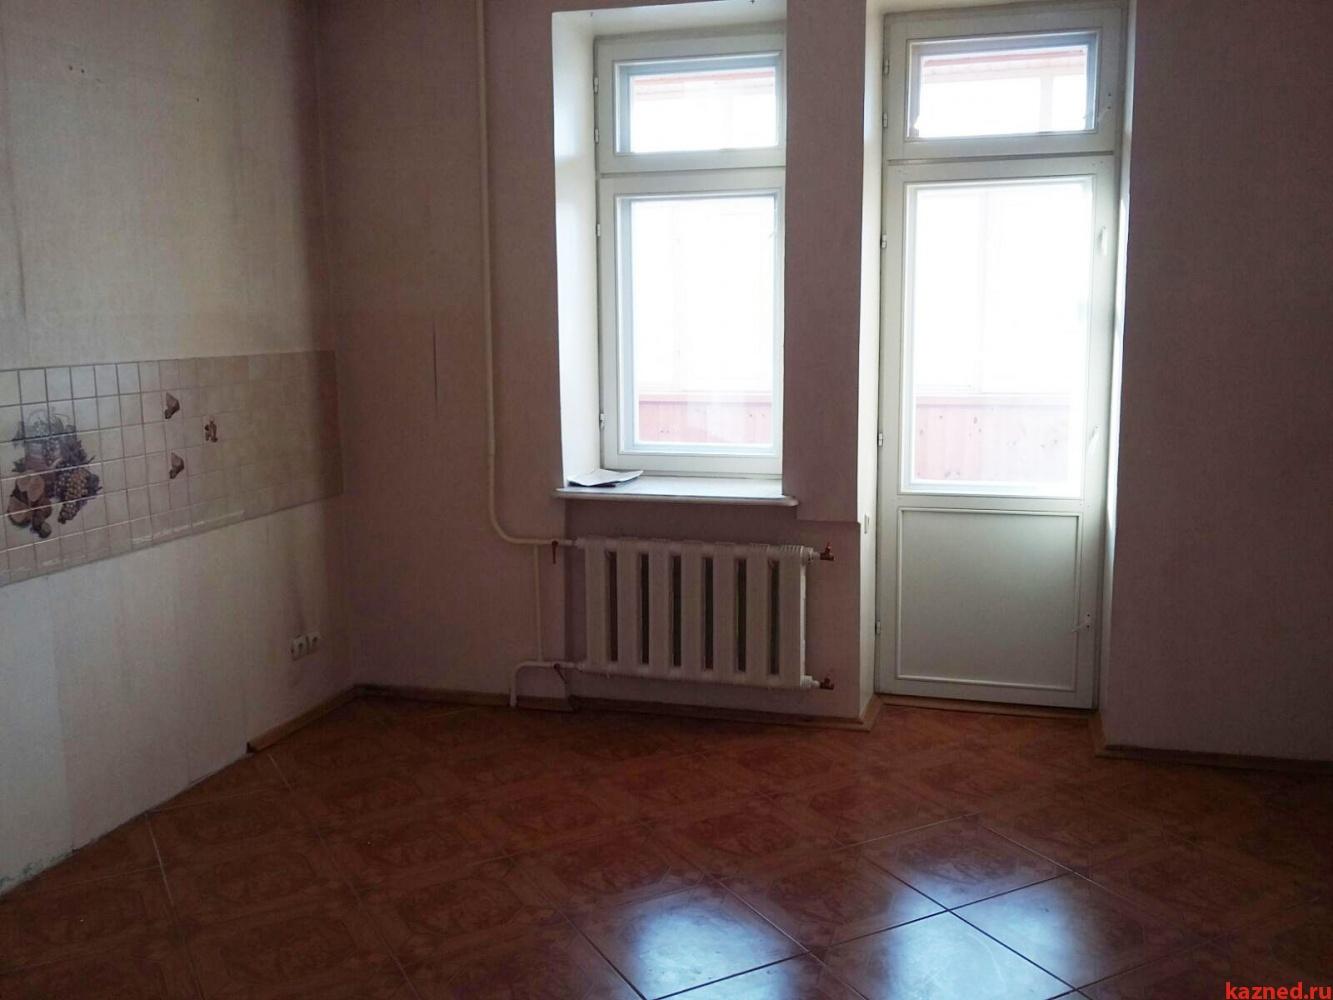 Продажа 4-к квартиры Толстого ул, 16А, 167 м2  (миниатюра №4)